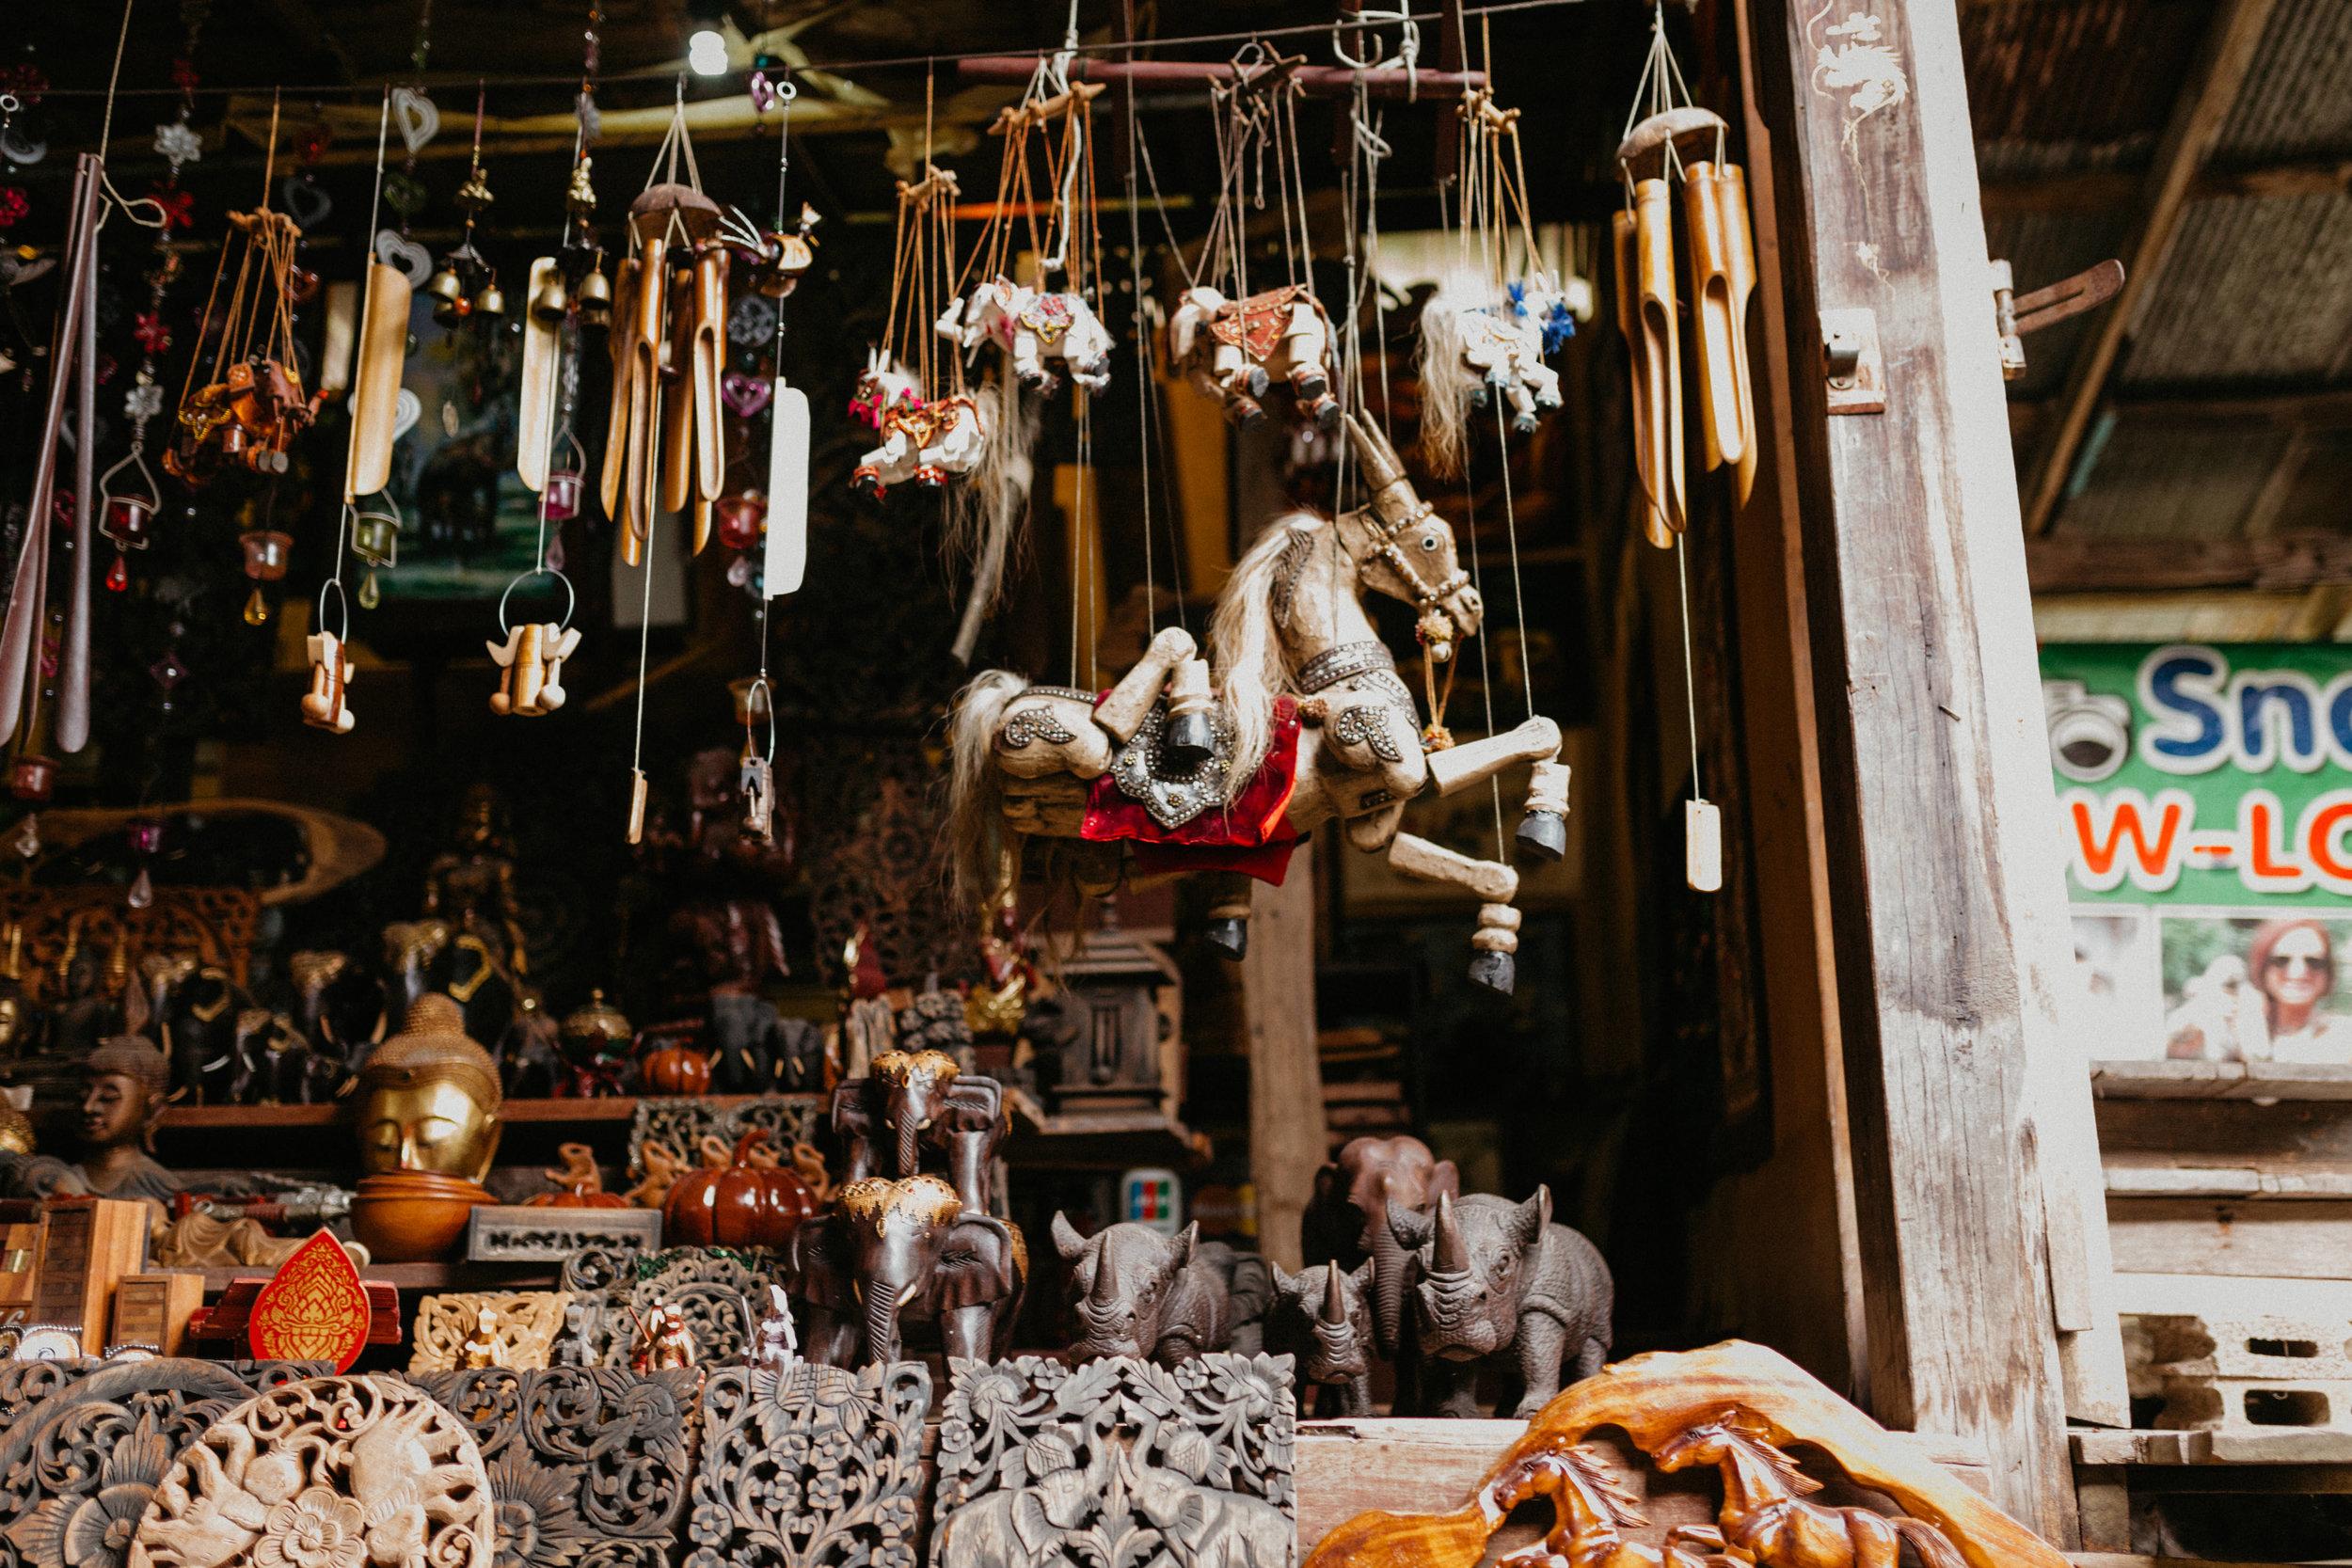 Thai souvenirs at damnoen saduak.jpg